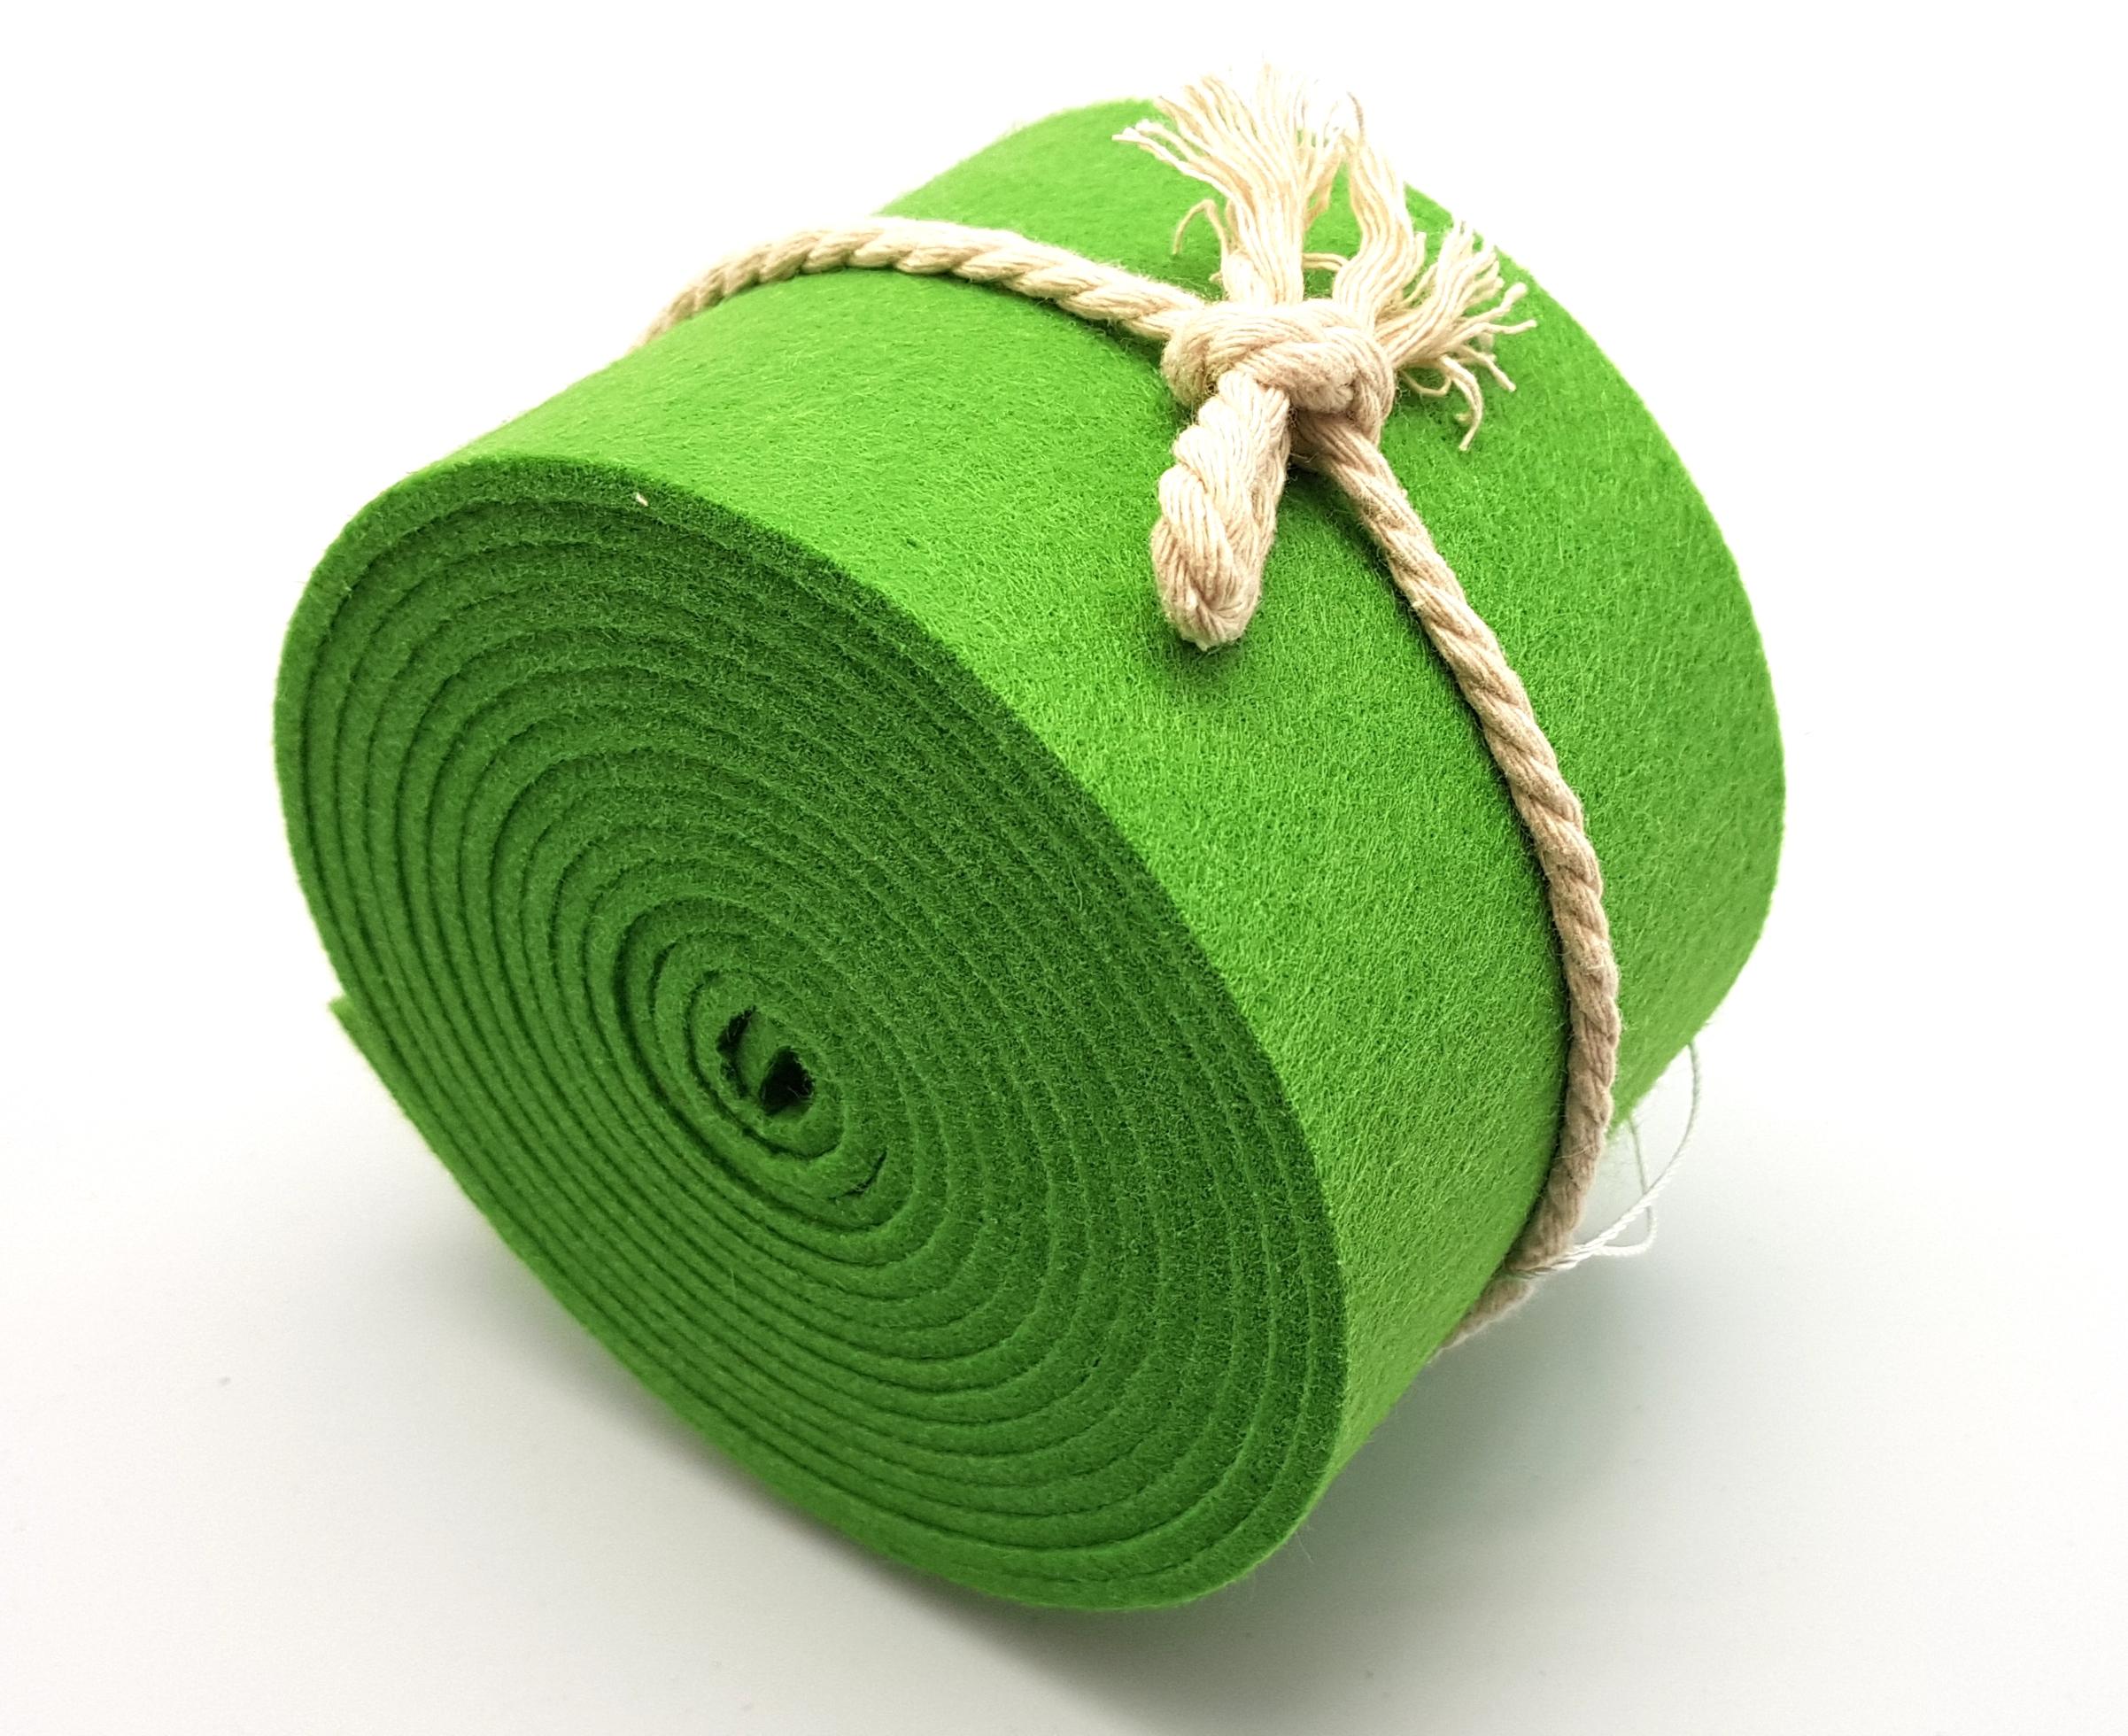 8-cm-rolle-grasgrün - Handgemachte individualisierbare Taschen, Körbe, Tischsets, Dekoartikel und mehr auf fideko.de der Onlineshop seit 2011